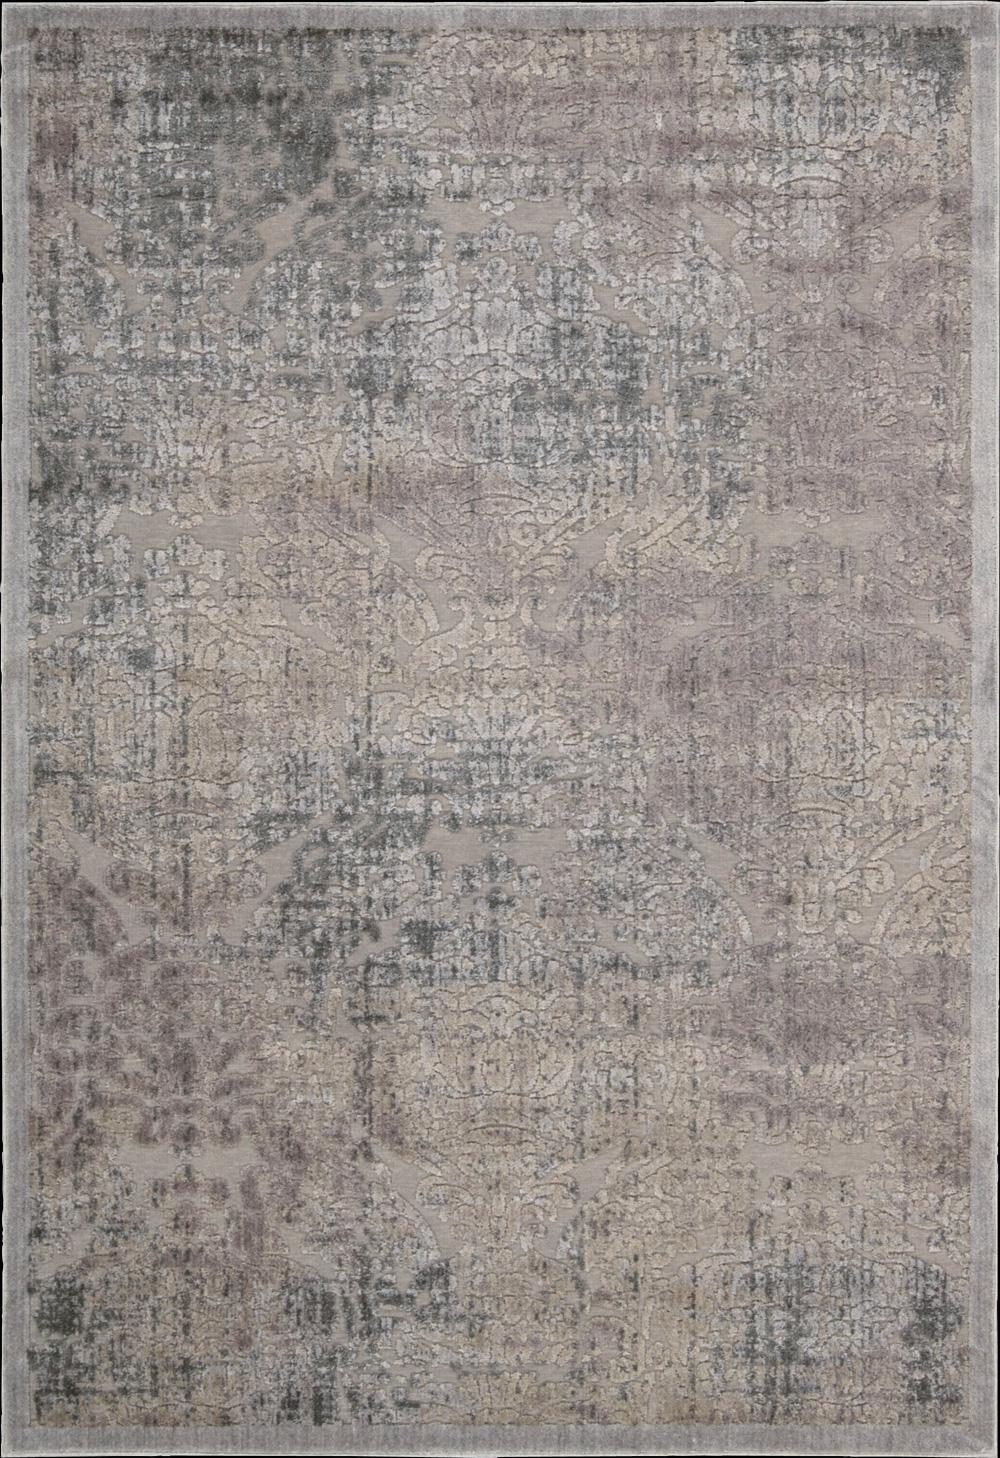 """Nourison Graphic Illusions Area Rug 5'3"""" x 7'5"""" - Item Number: 13076"""